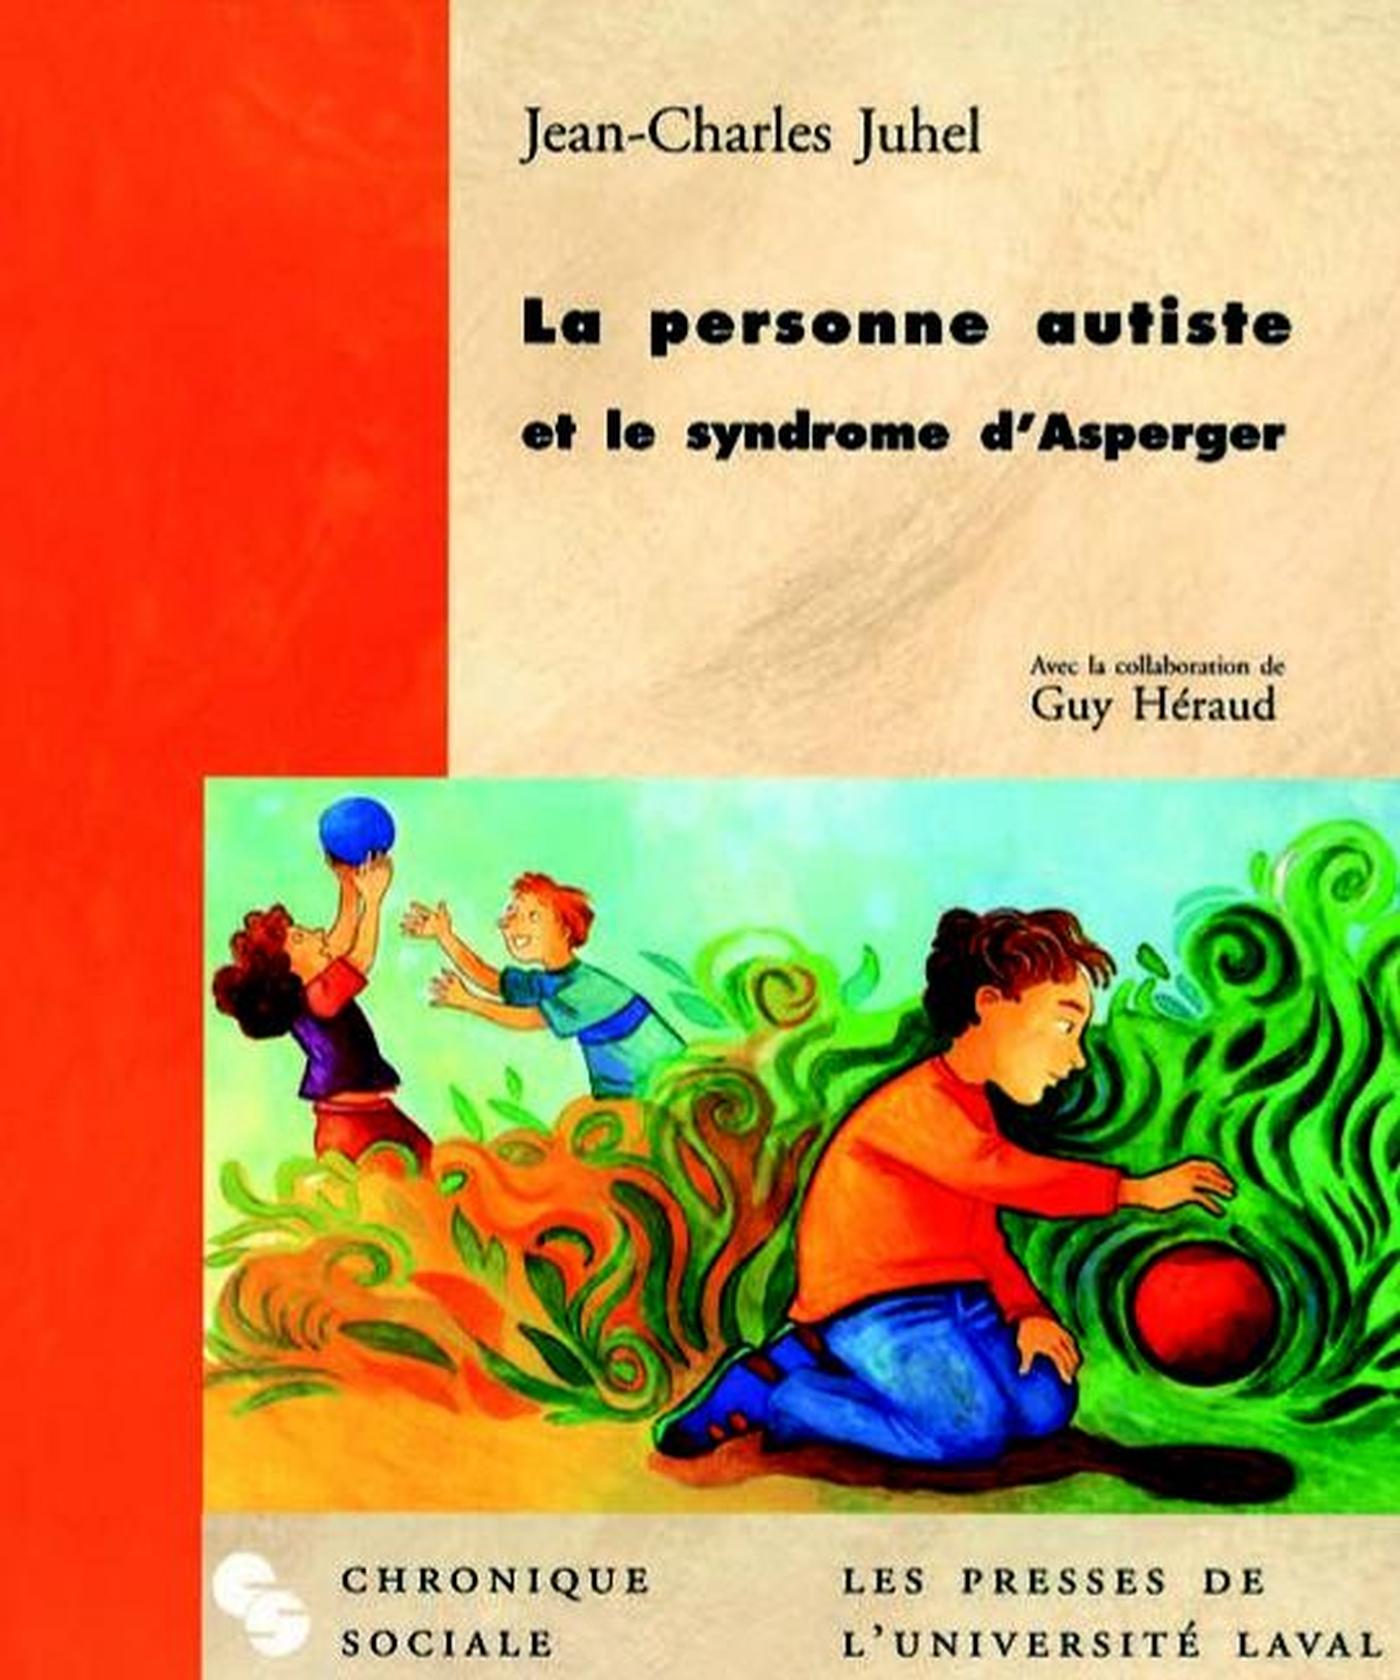 La personne autiste et le syndrôme asperger